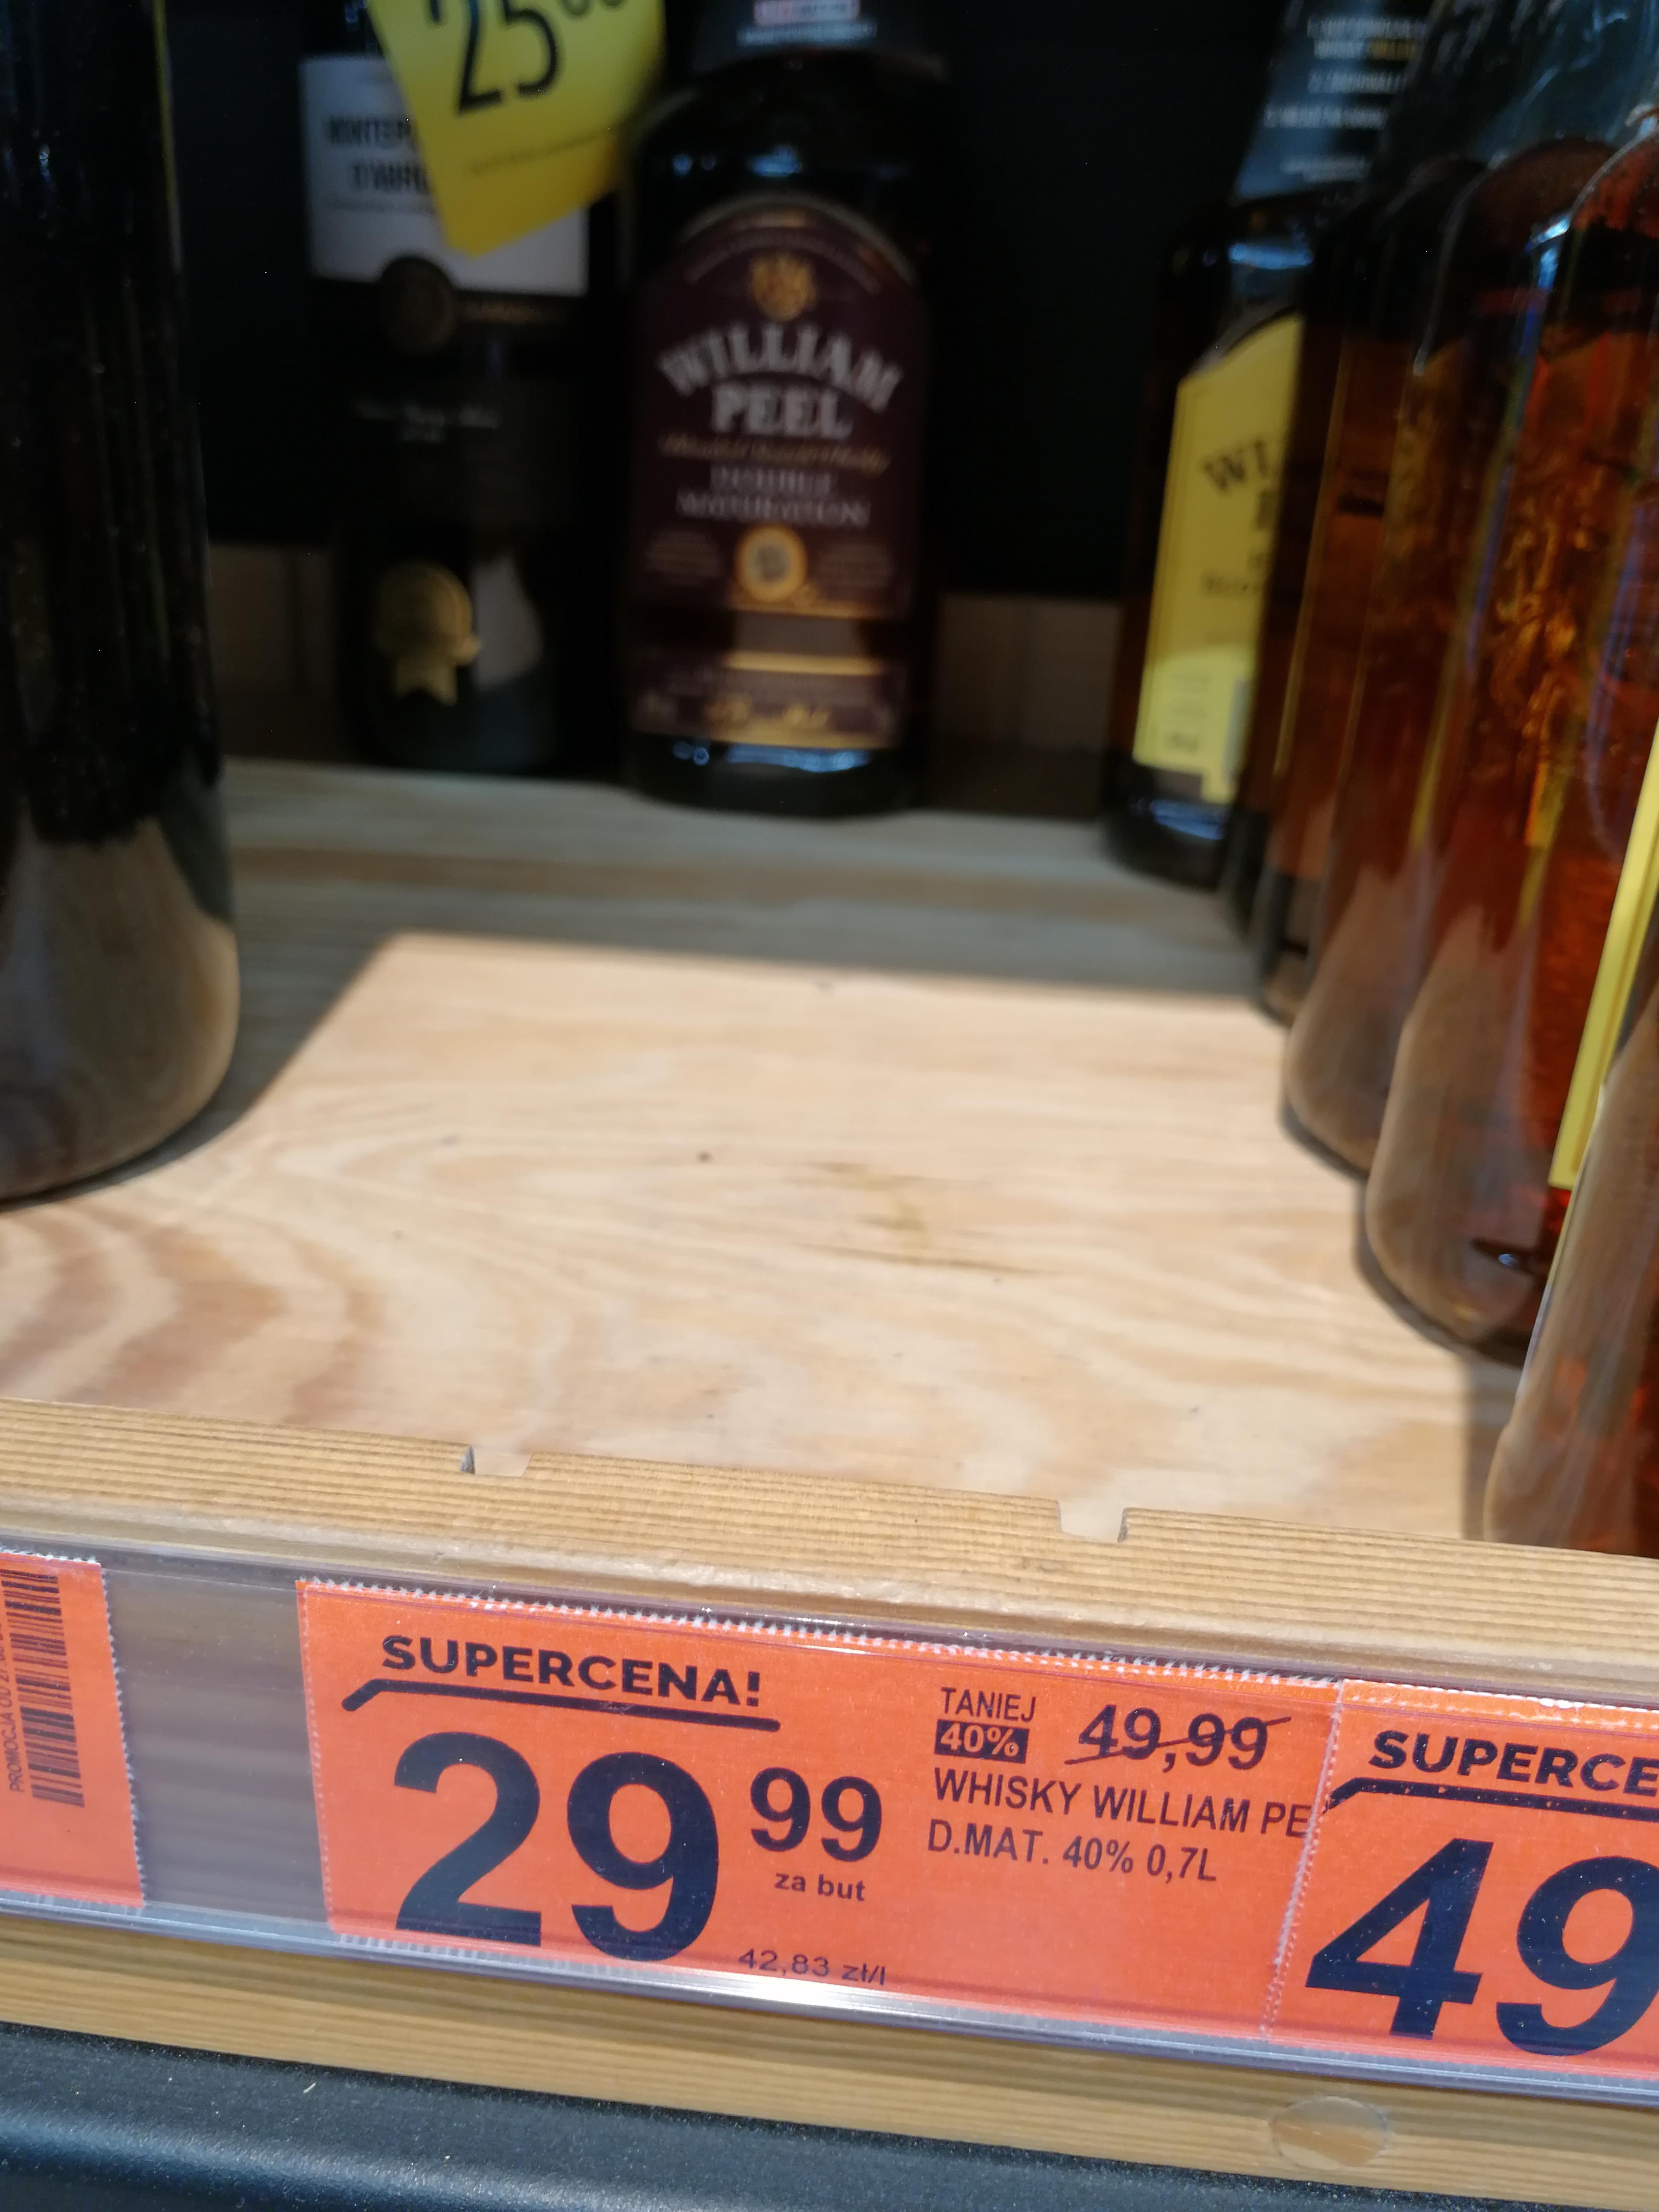 William peel double 0,7 w cenie wódki, biedronka, Poznań